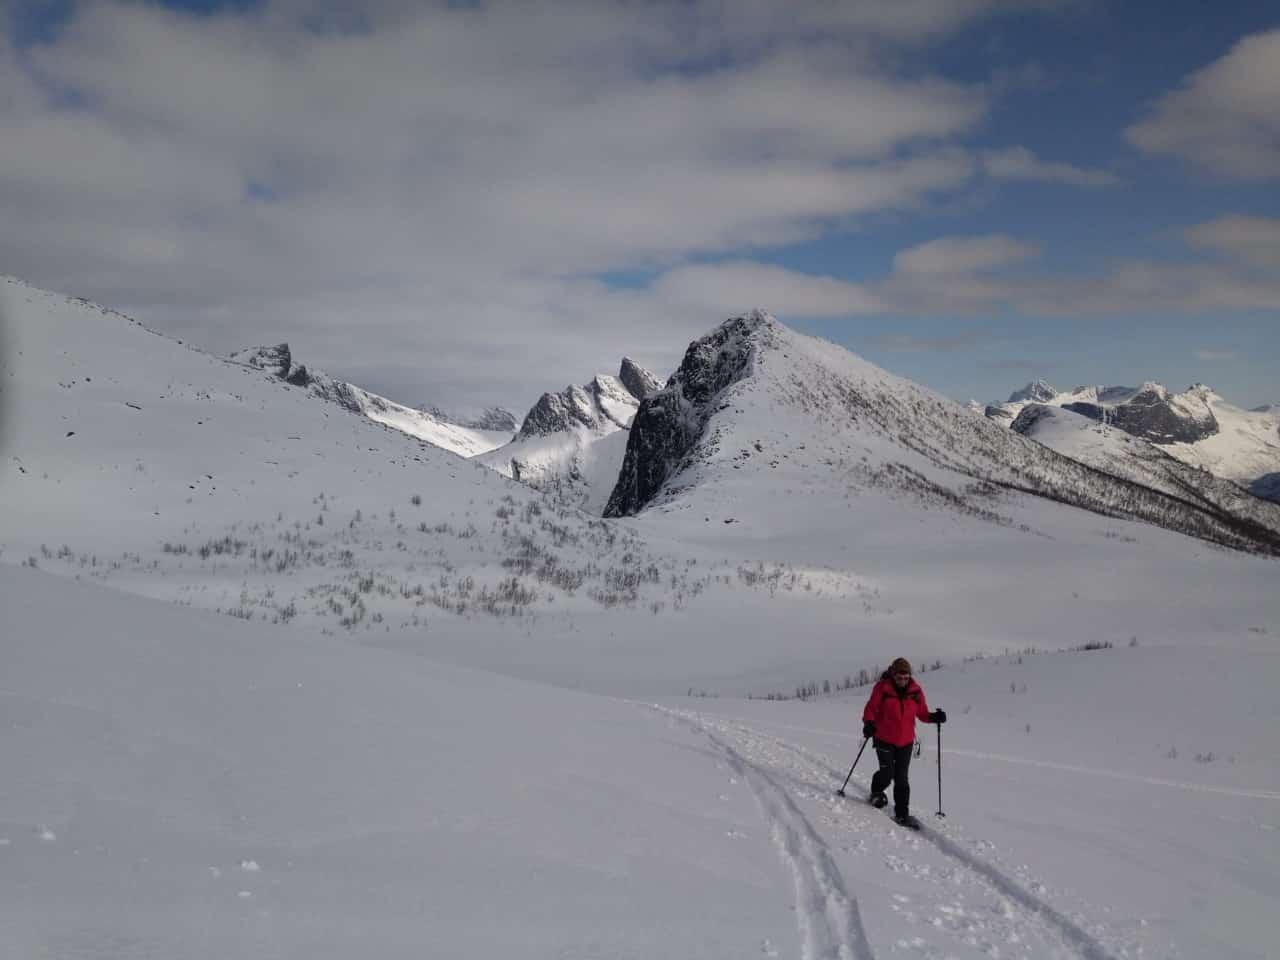 Sommardalen vers le col, magnifique journée fjord, Silvana Carrard pour Helyum.ch